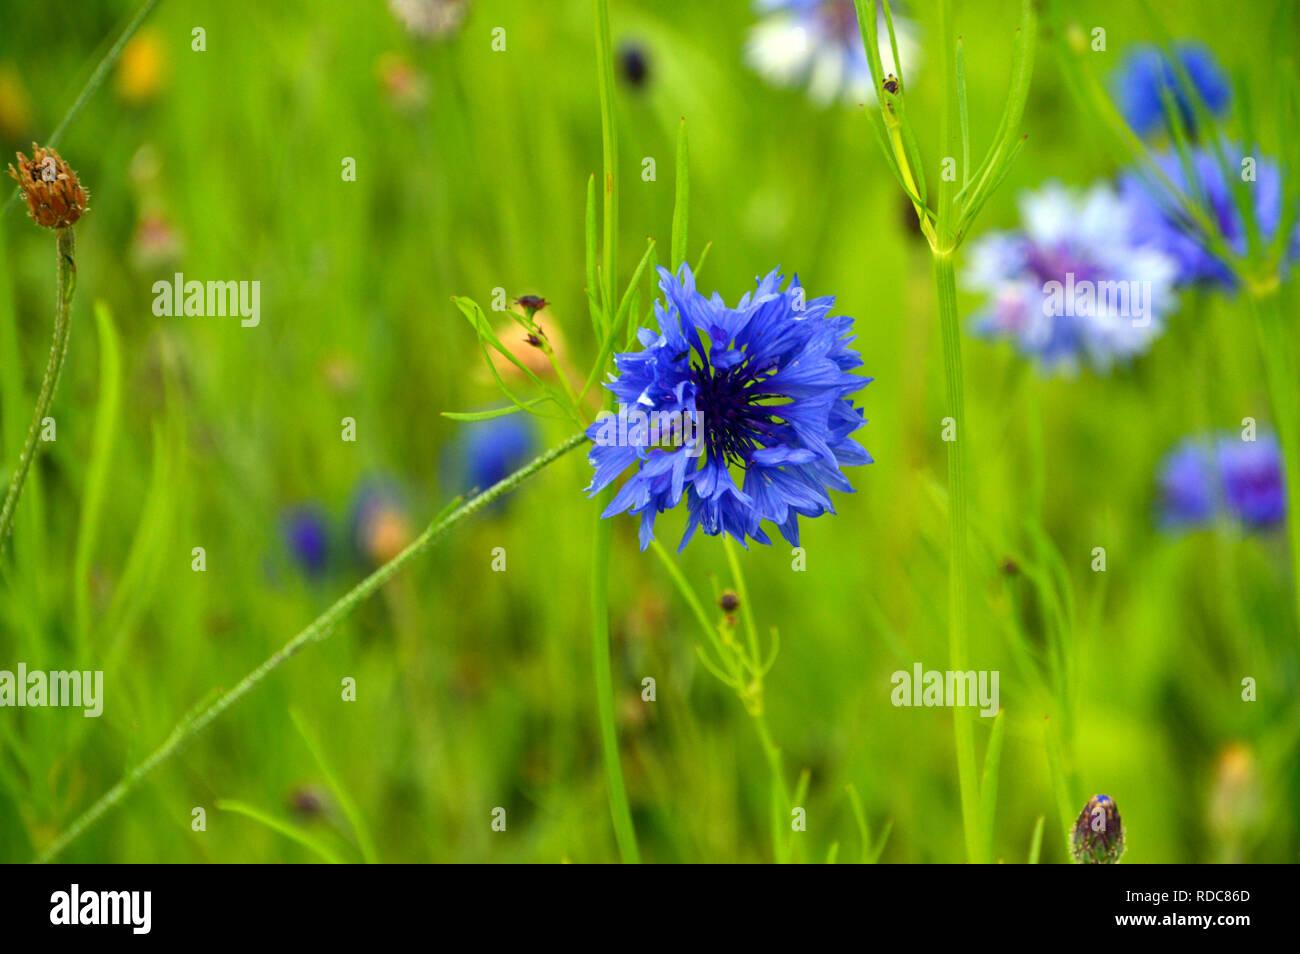 """Unico Centaurea cyanus """"fiordaliso/laurea pulsante' cresciuto nel selvaggio fiore Prato di RHS Garden Harlow Carr, Harrogate, Yorkshire. Inghilterra, Regno Unito. Immagini Stock"""